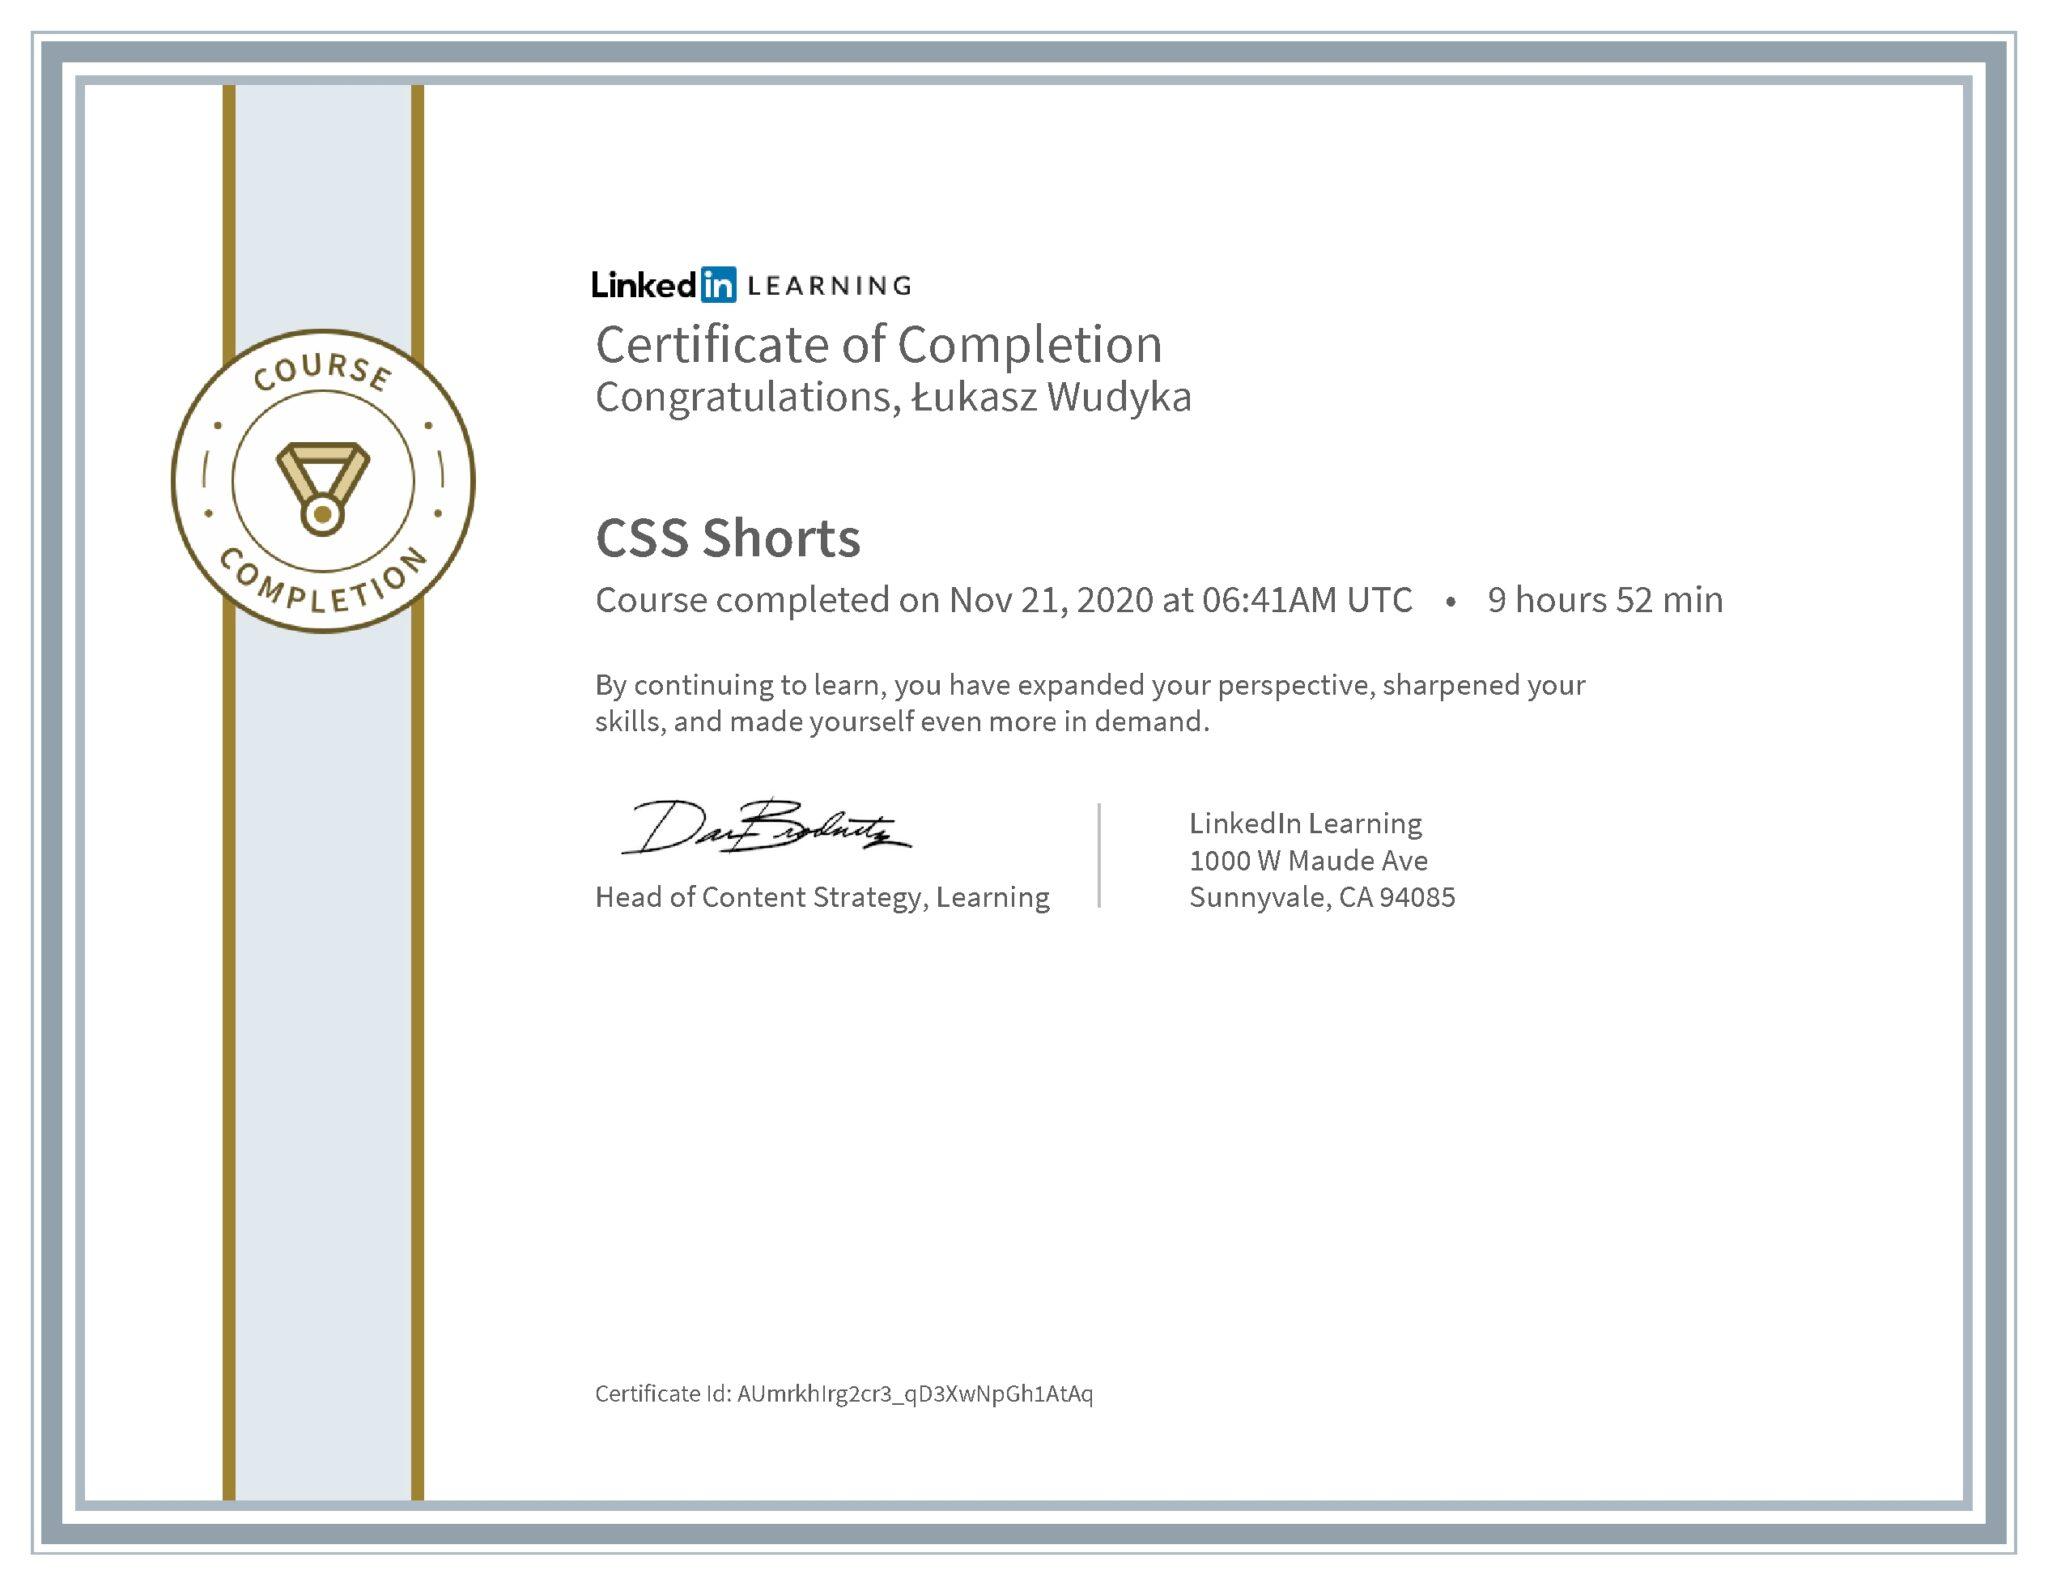 Łukasz Wudyka certyfikat LinkedIn CSS Shorts